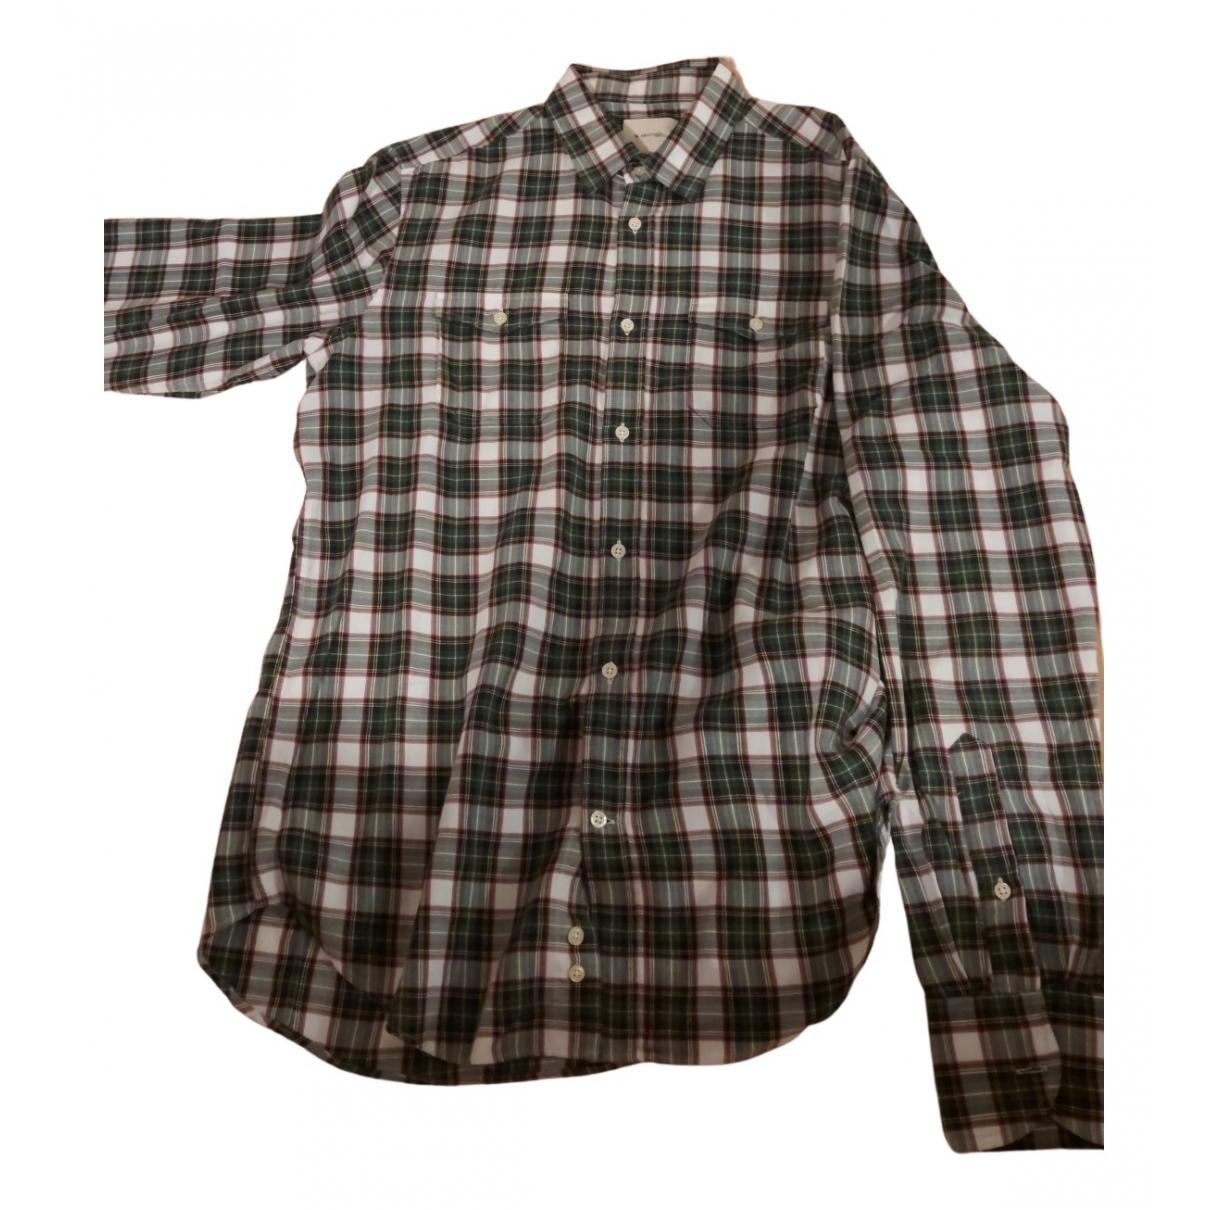 Mauro Grifoni N Cotton Shirts for Men 39 EU (tour de cou / collar)